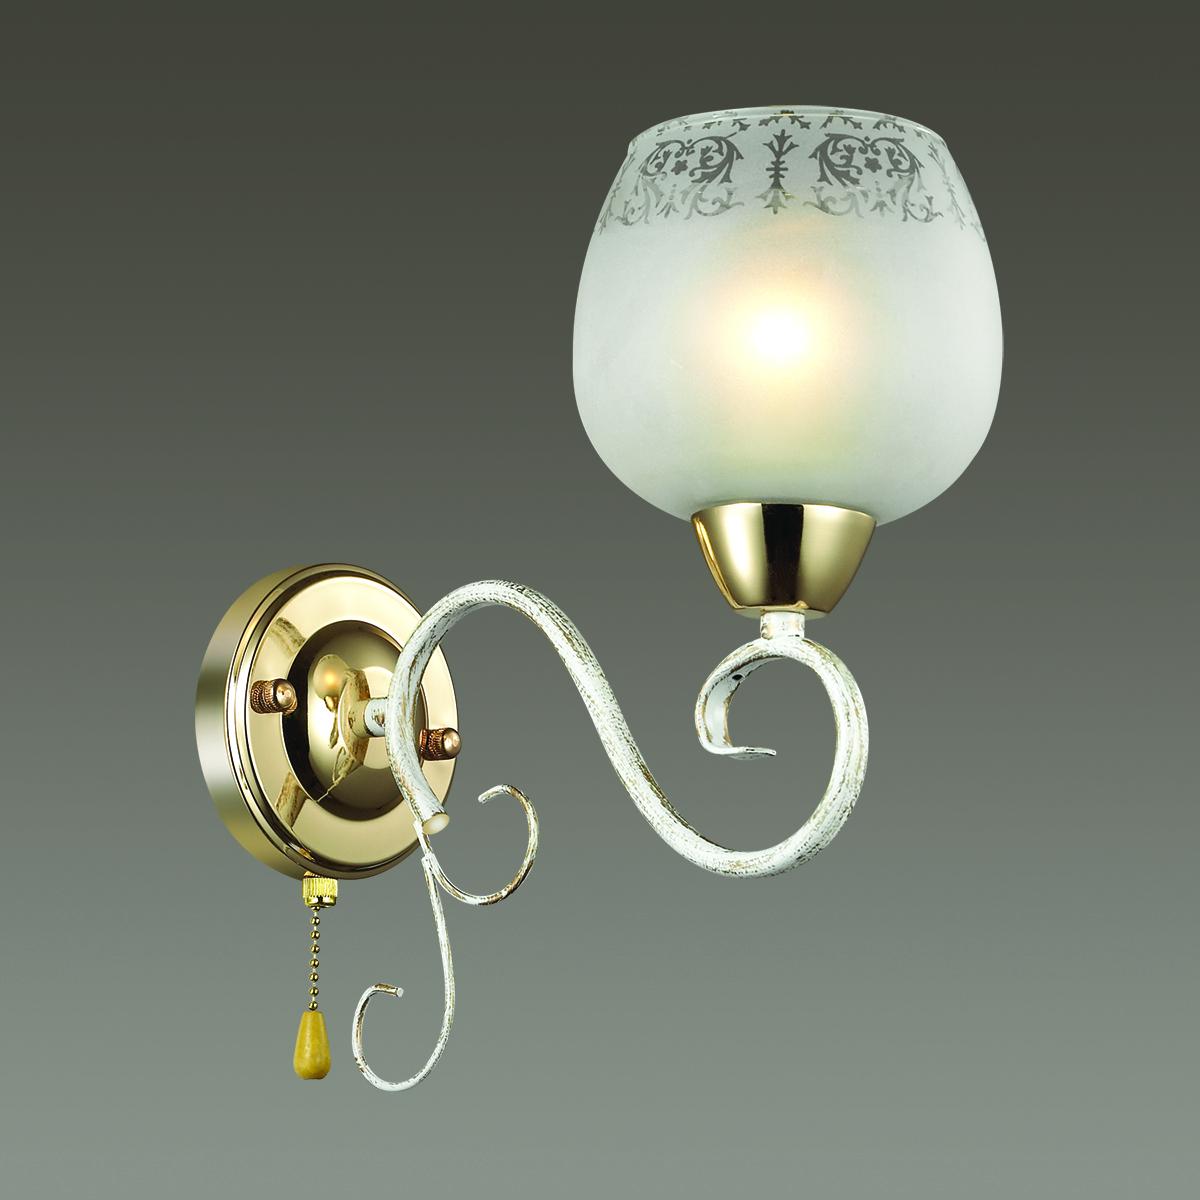 Бра Lumion Biancopa 3505/1W, 1xE27x60W, белый с золотой патиной, золото, матовый, металл, стекло - фото 3